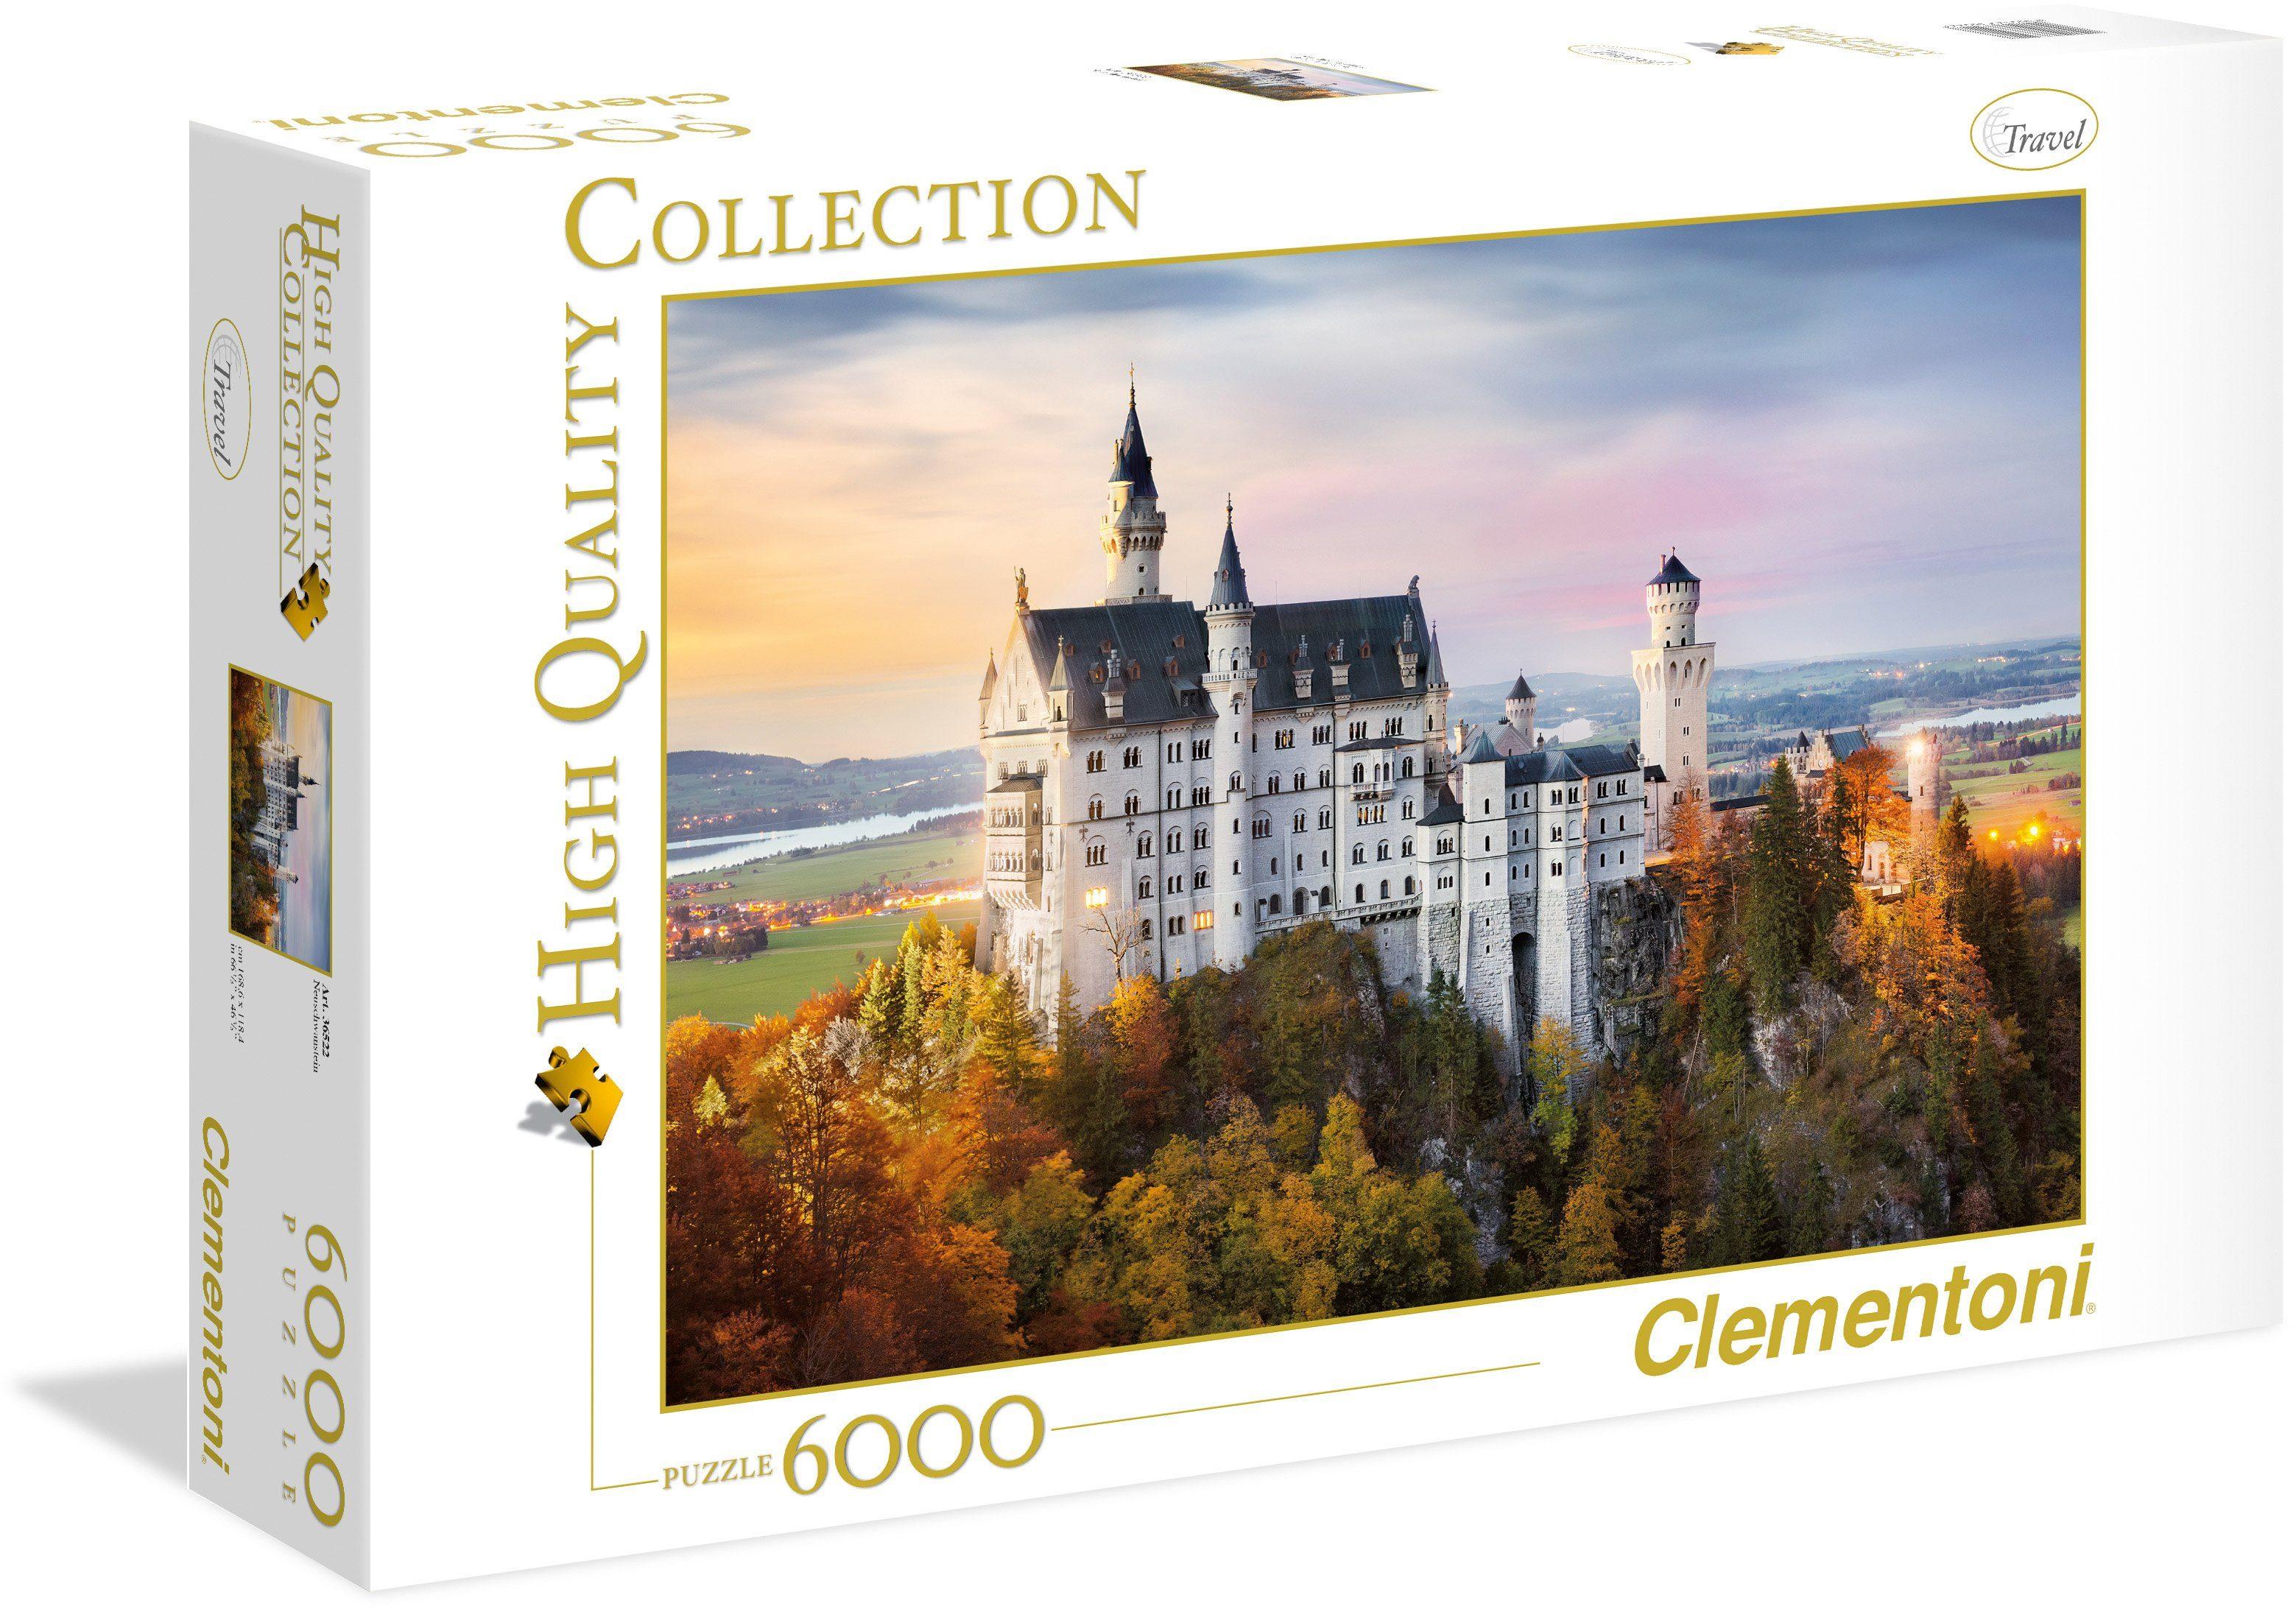 Clementoni Puzzle, 6000 Teile, »Neuschwanstein«